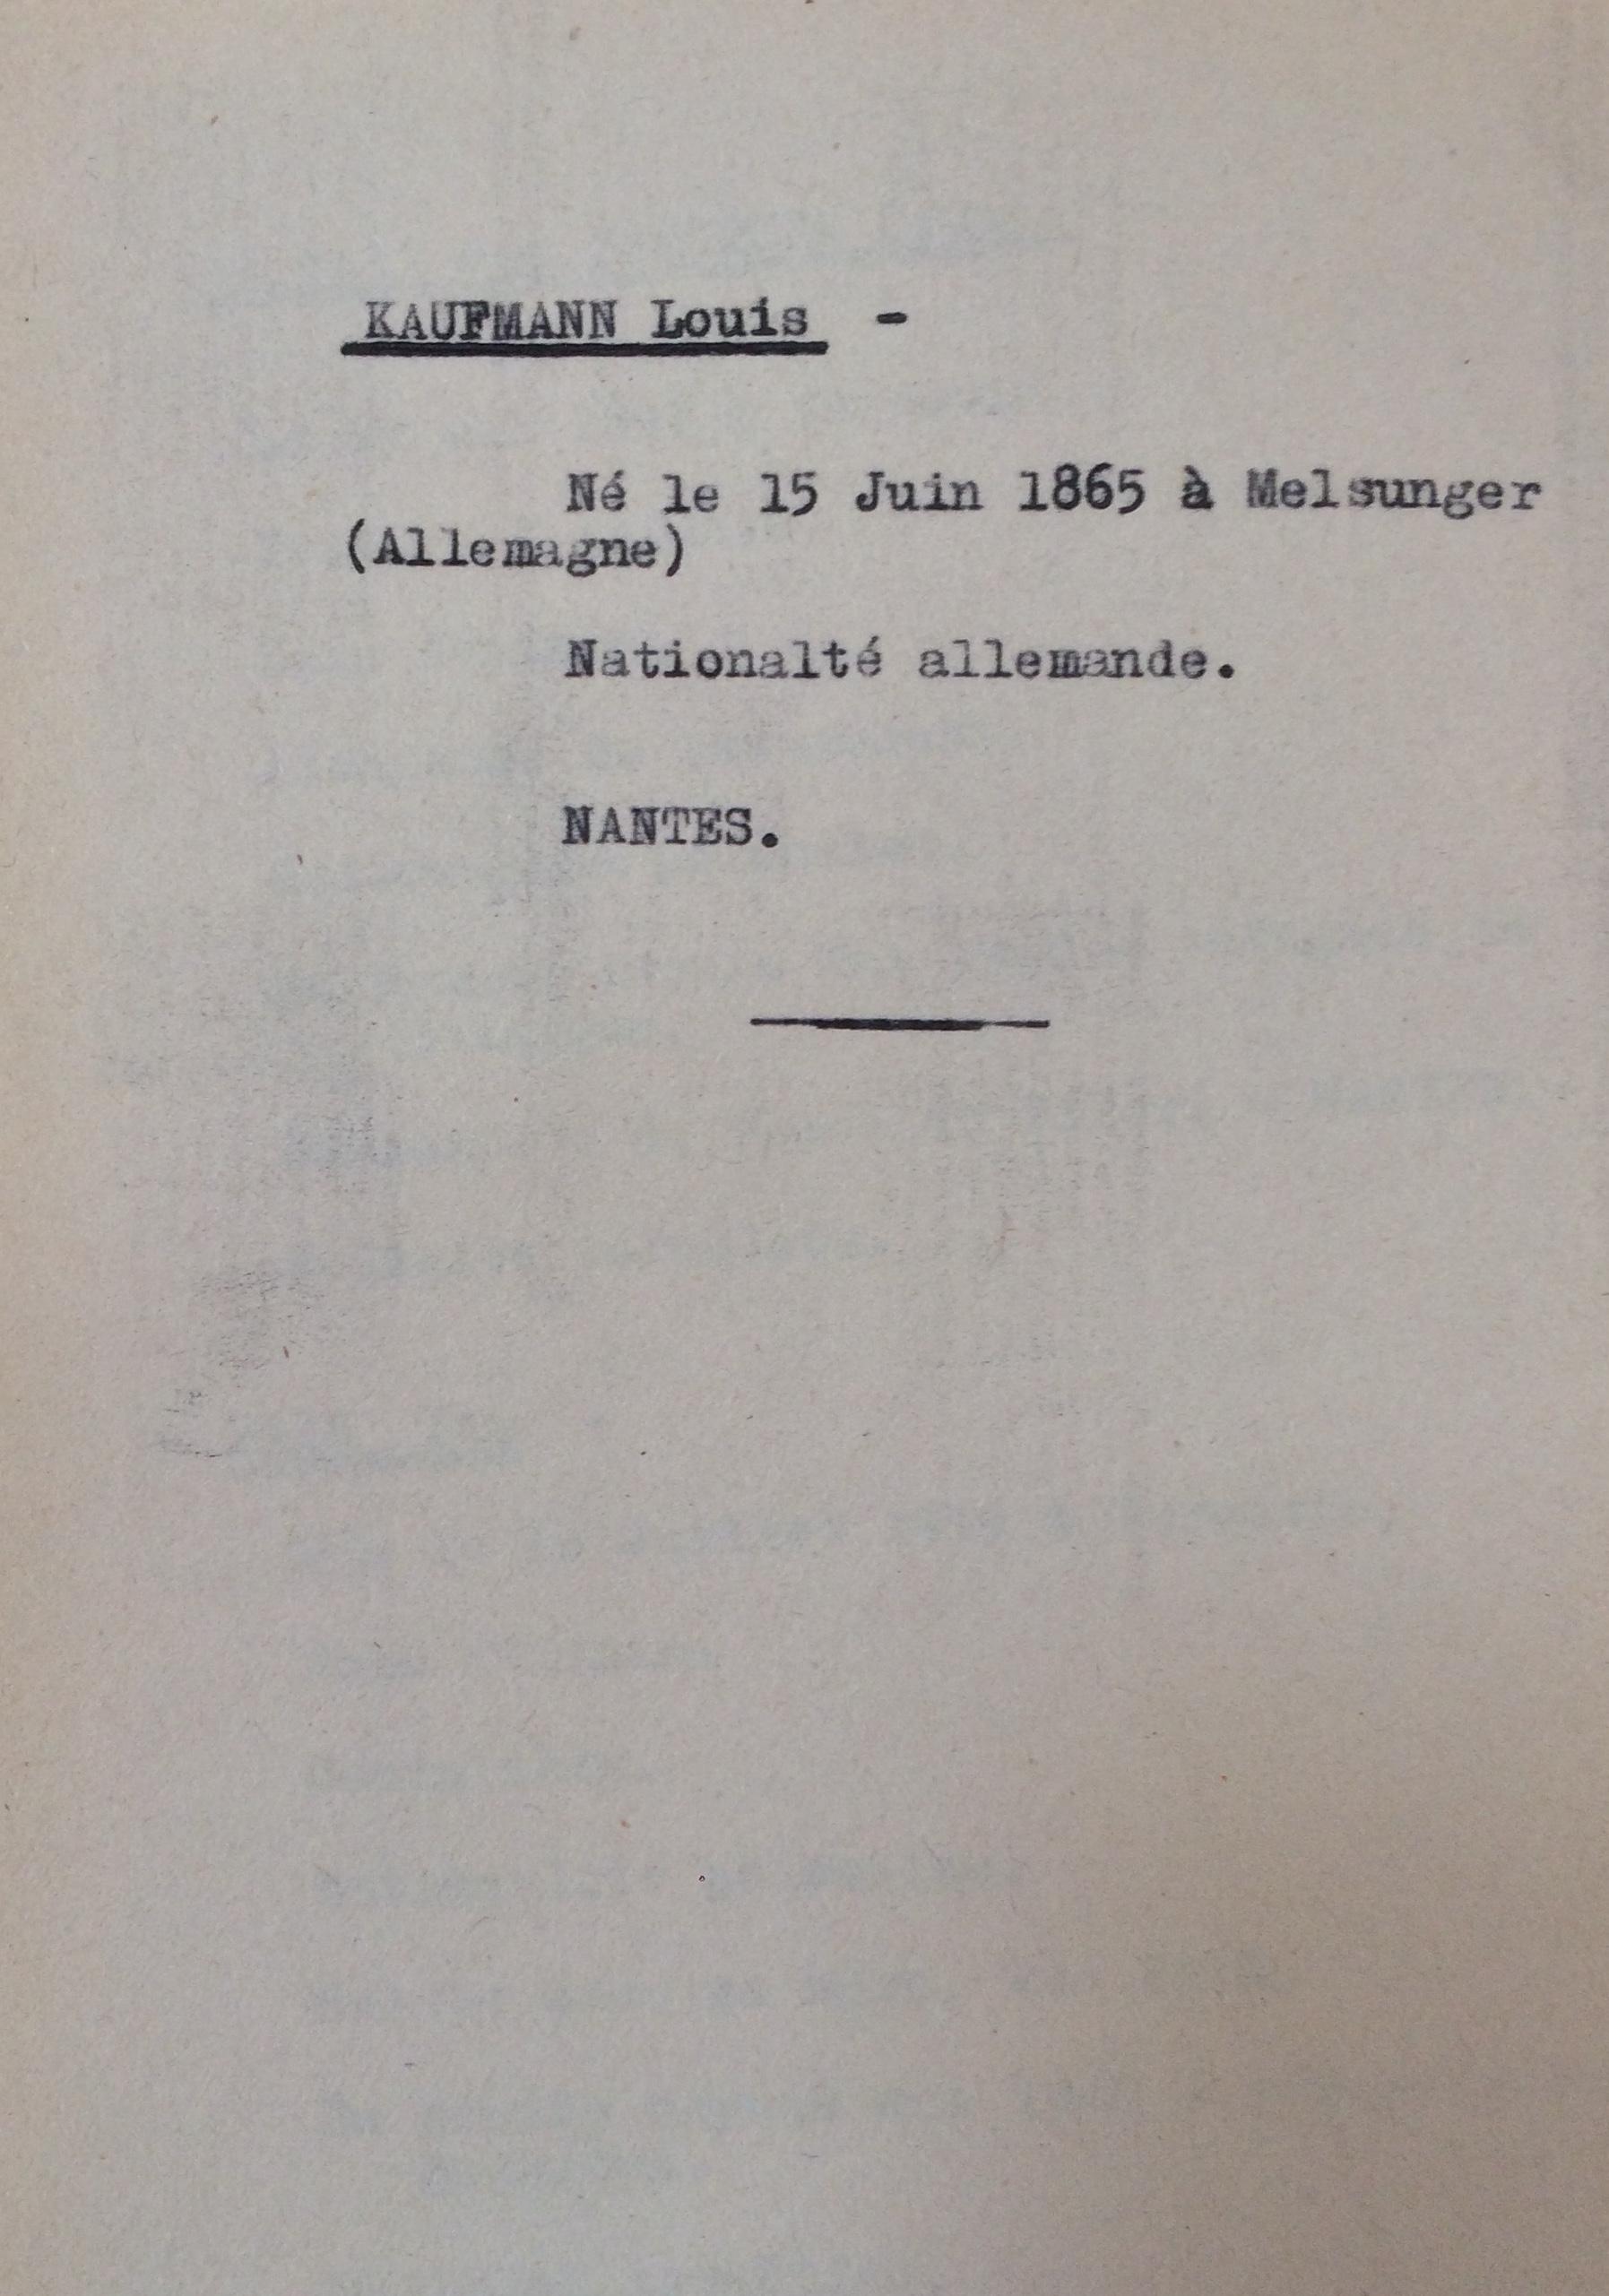 Fiches Allemands Slovaques Autrichiens Polonais [ADLA 1694W25]